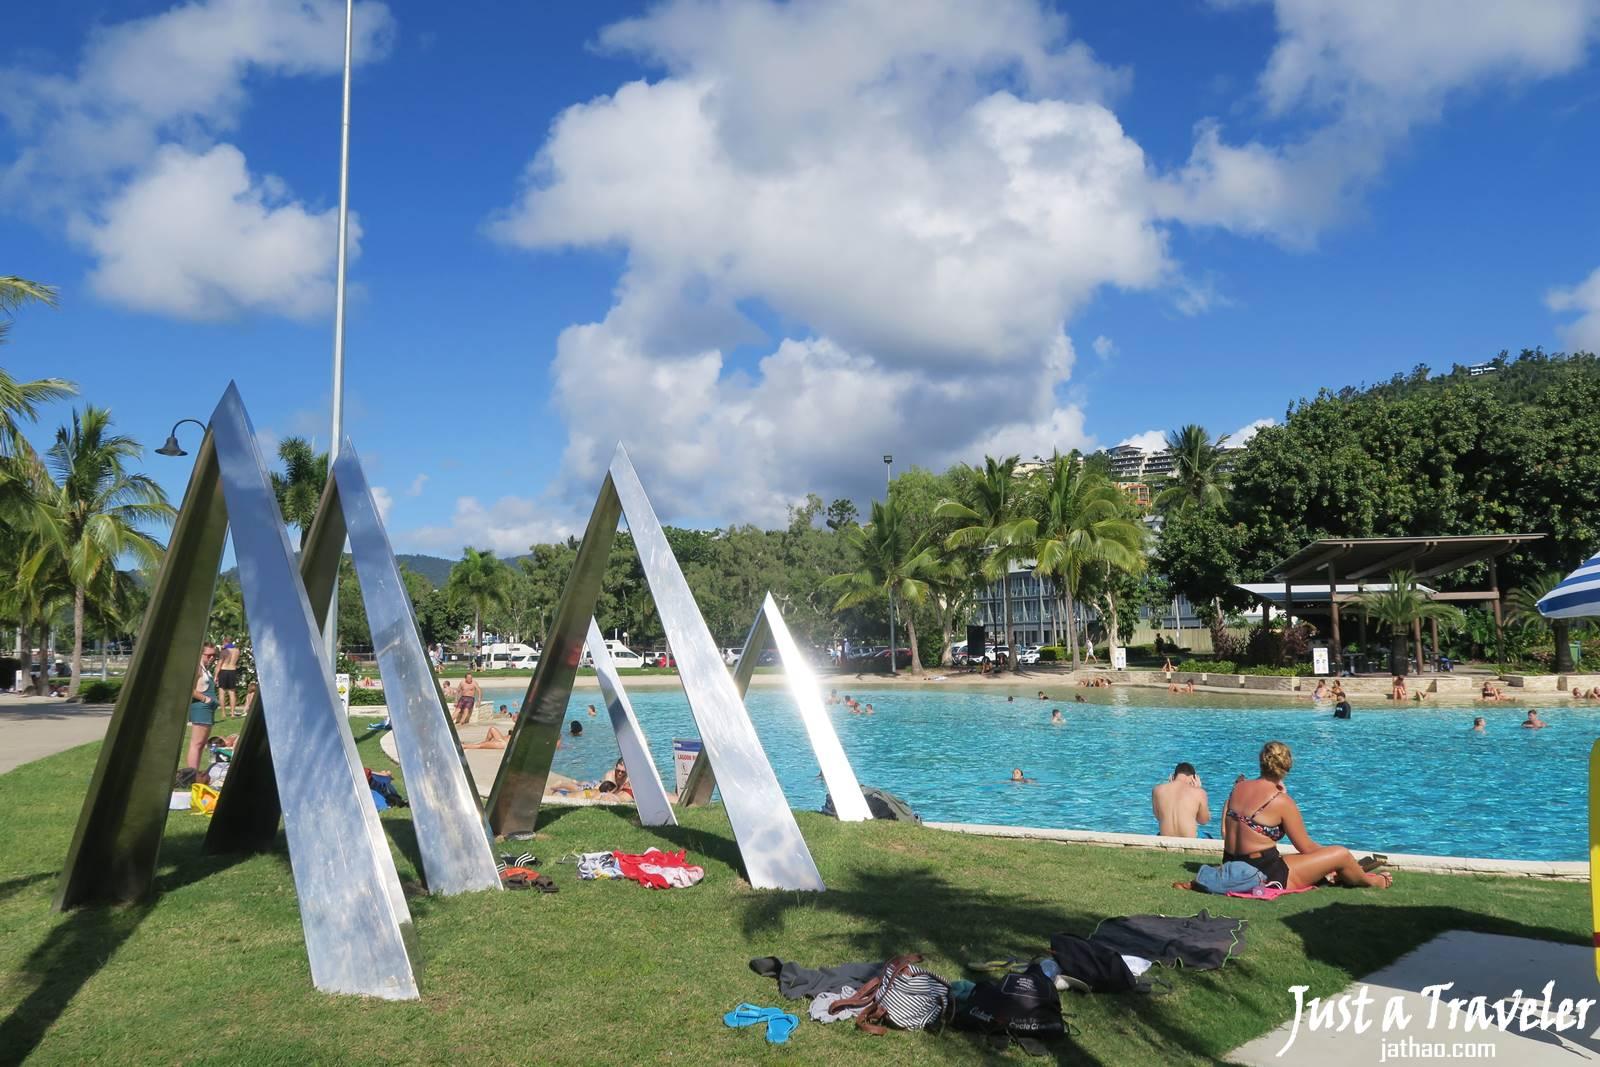 聖靈群島-艾爾利海灘-推薦-景點-市區-旅遊-地圖-觀光-行程-遊記-自由行-一日遊-半日遊-Airlie-Beach-Travel-Attraction